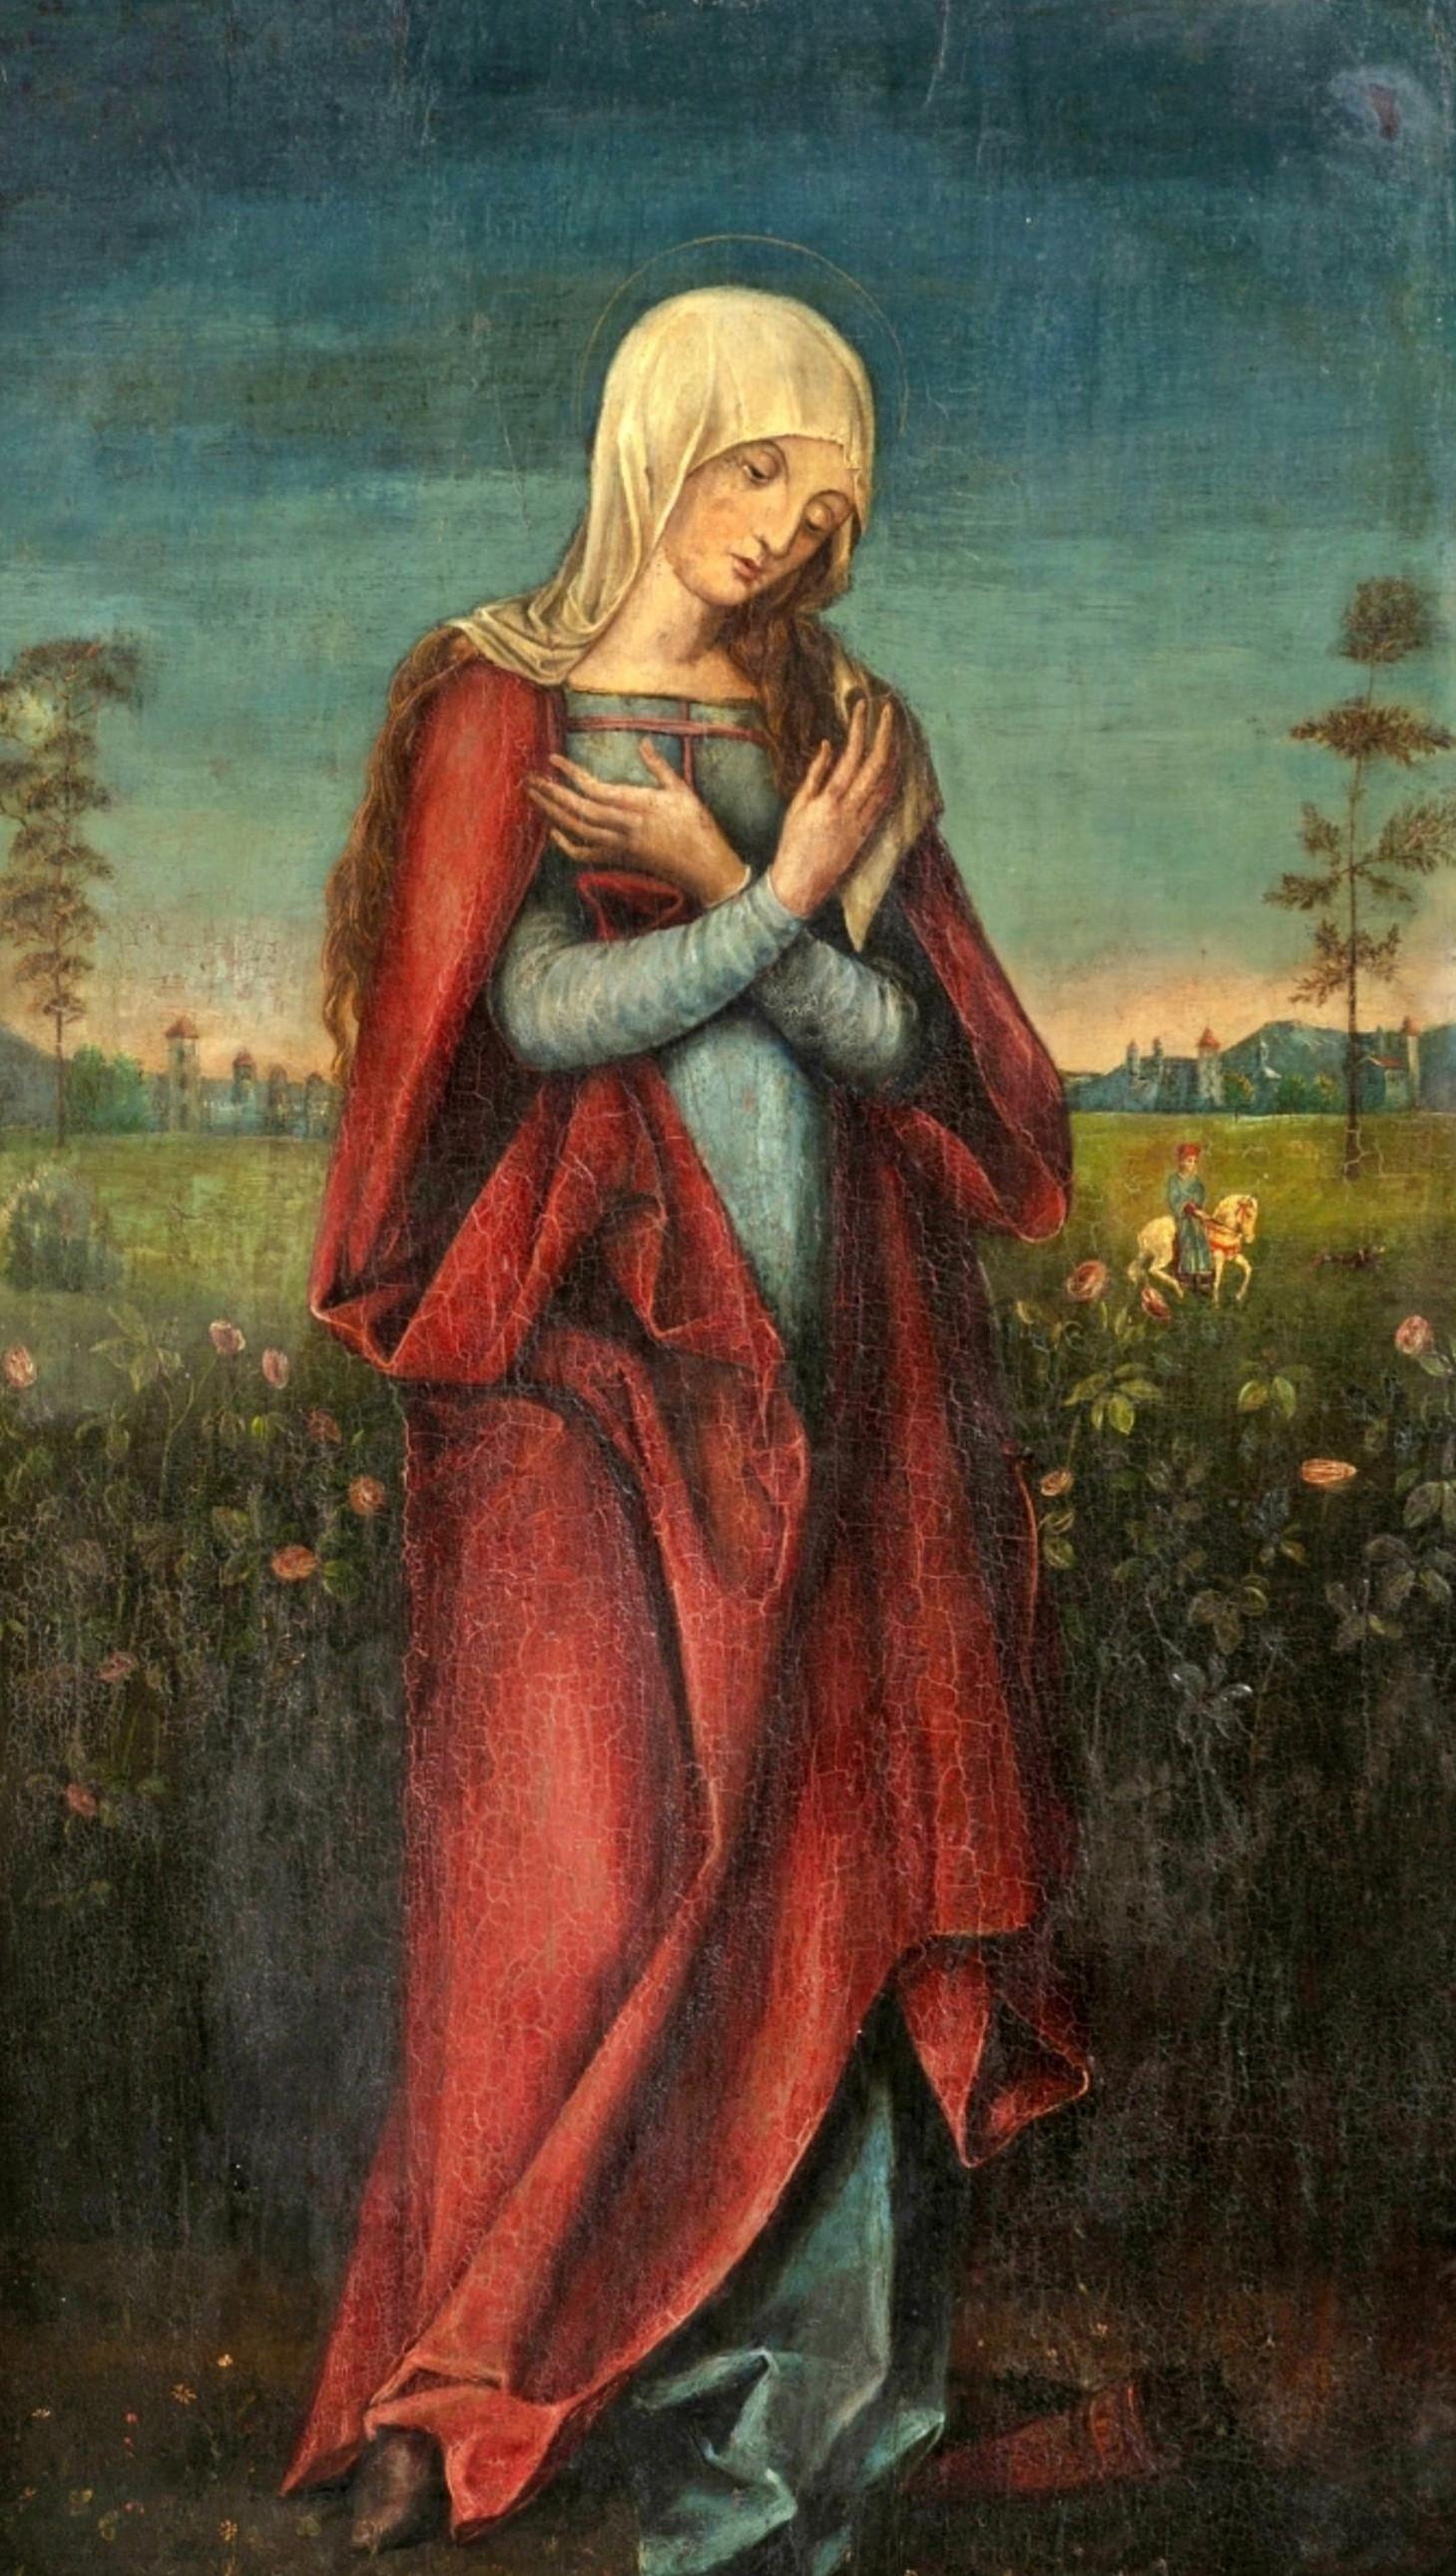 Marija Mergelė. Mergelė rožių sode. Prisk. Lukui Kranachui vyr. 1472-1553 The Virgen in a Rose Garden